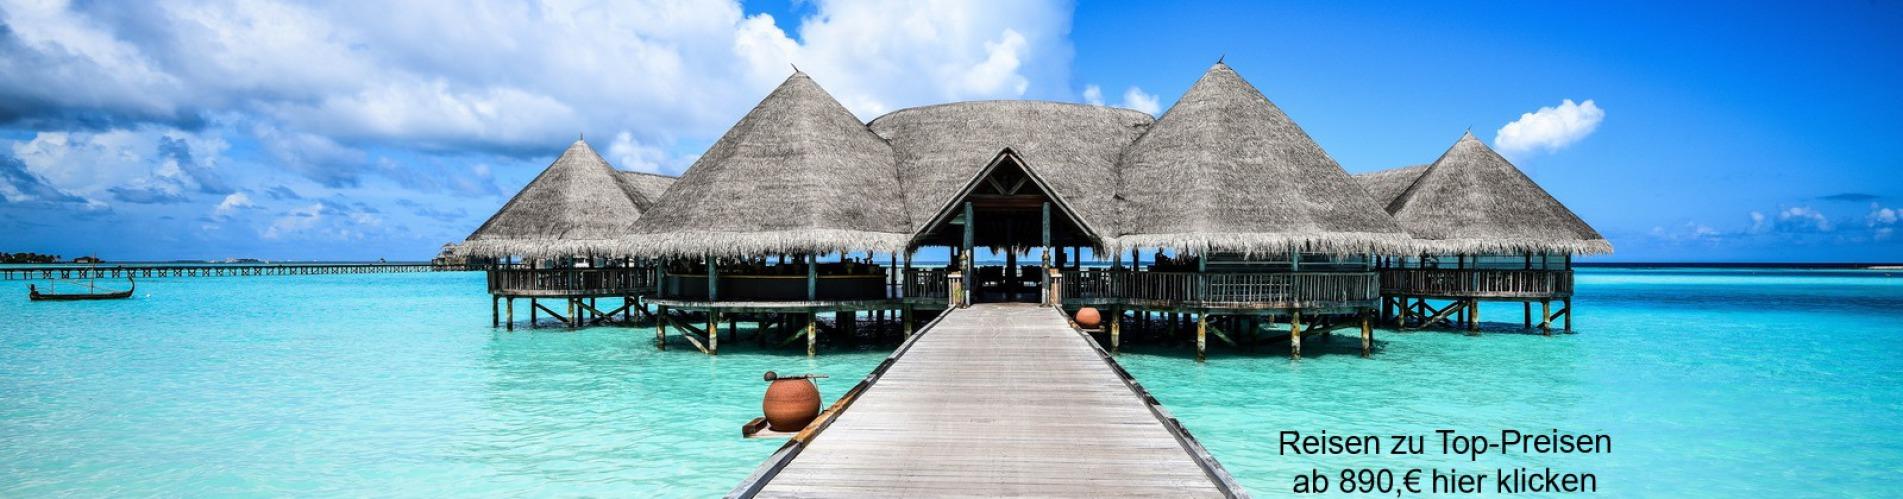 Traum Urlaubsreisen Top-Angebote Last-Minute Frühbucher alles inclusive ab-in-den-Urlaub  urlaub zu günstigen preisen Reisen